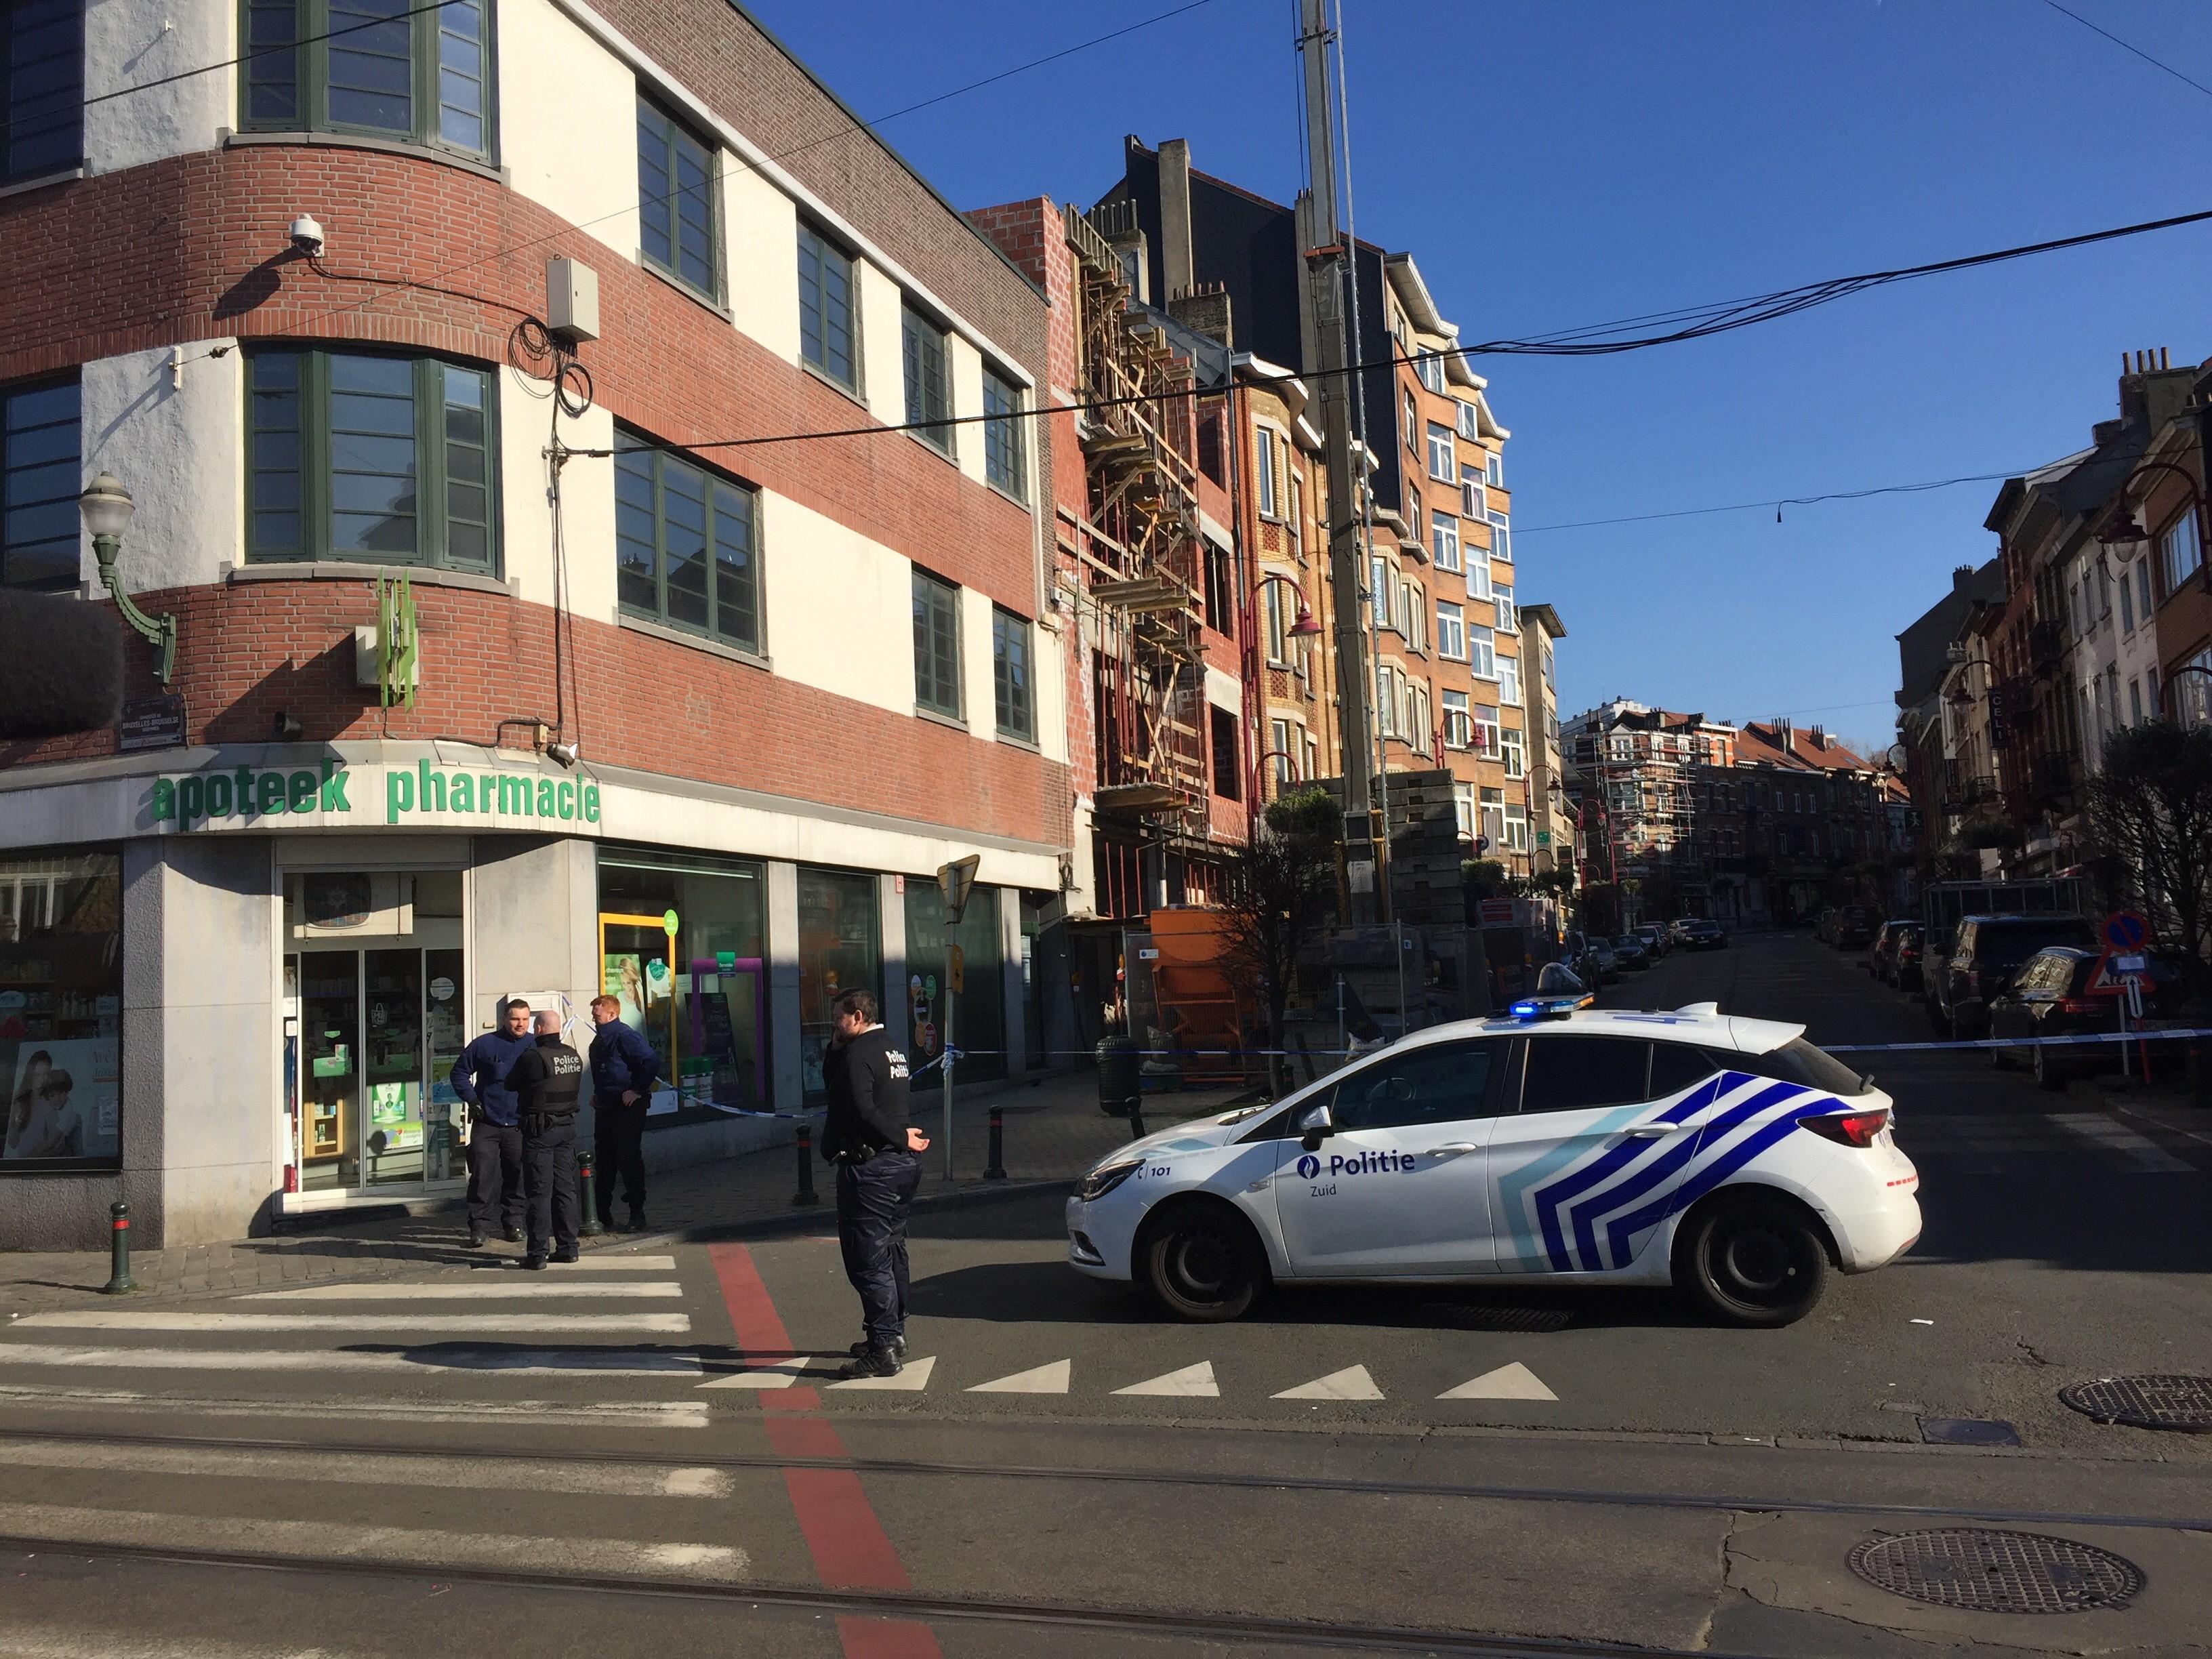 Déploiement de police à Forest: un quartier bouclé… pour une fausse alerte